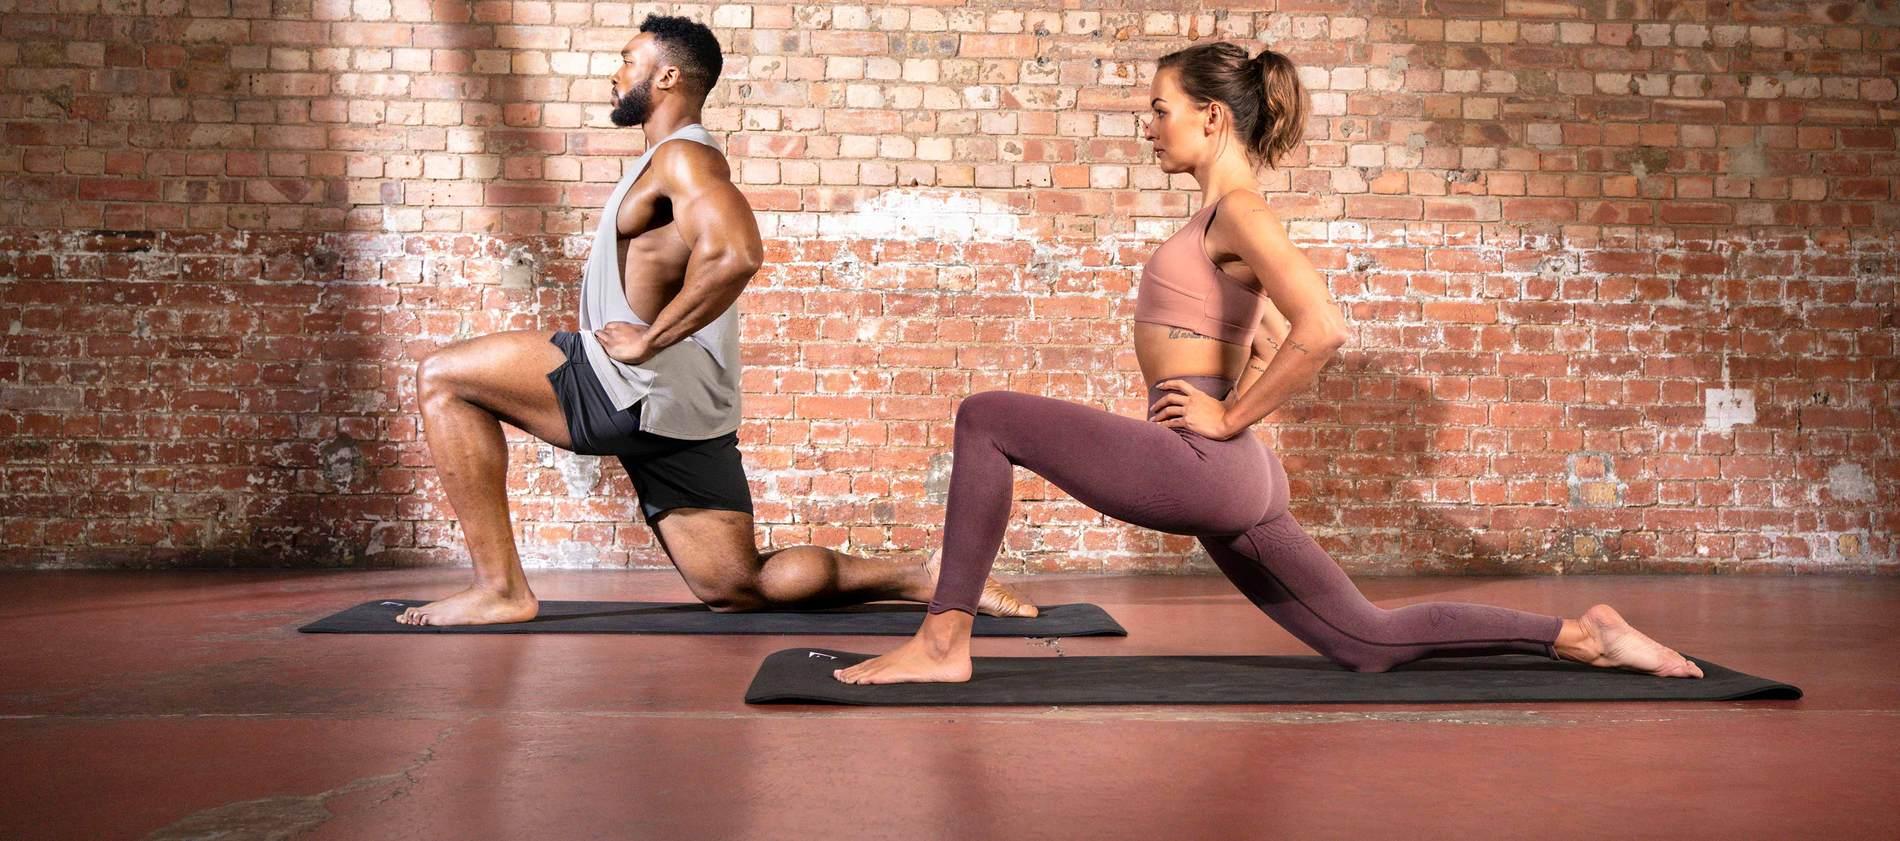 Ein weibliches und ein männliches Model dehnen sich auf Yogamatten in einem Yogastudio und tragen dabei die Gymshark Studio Kollektion.